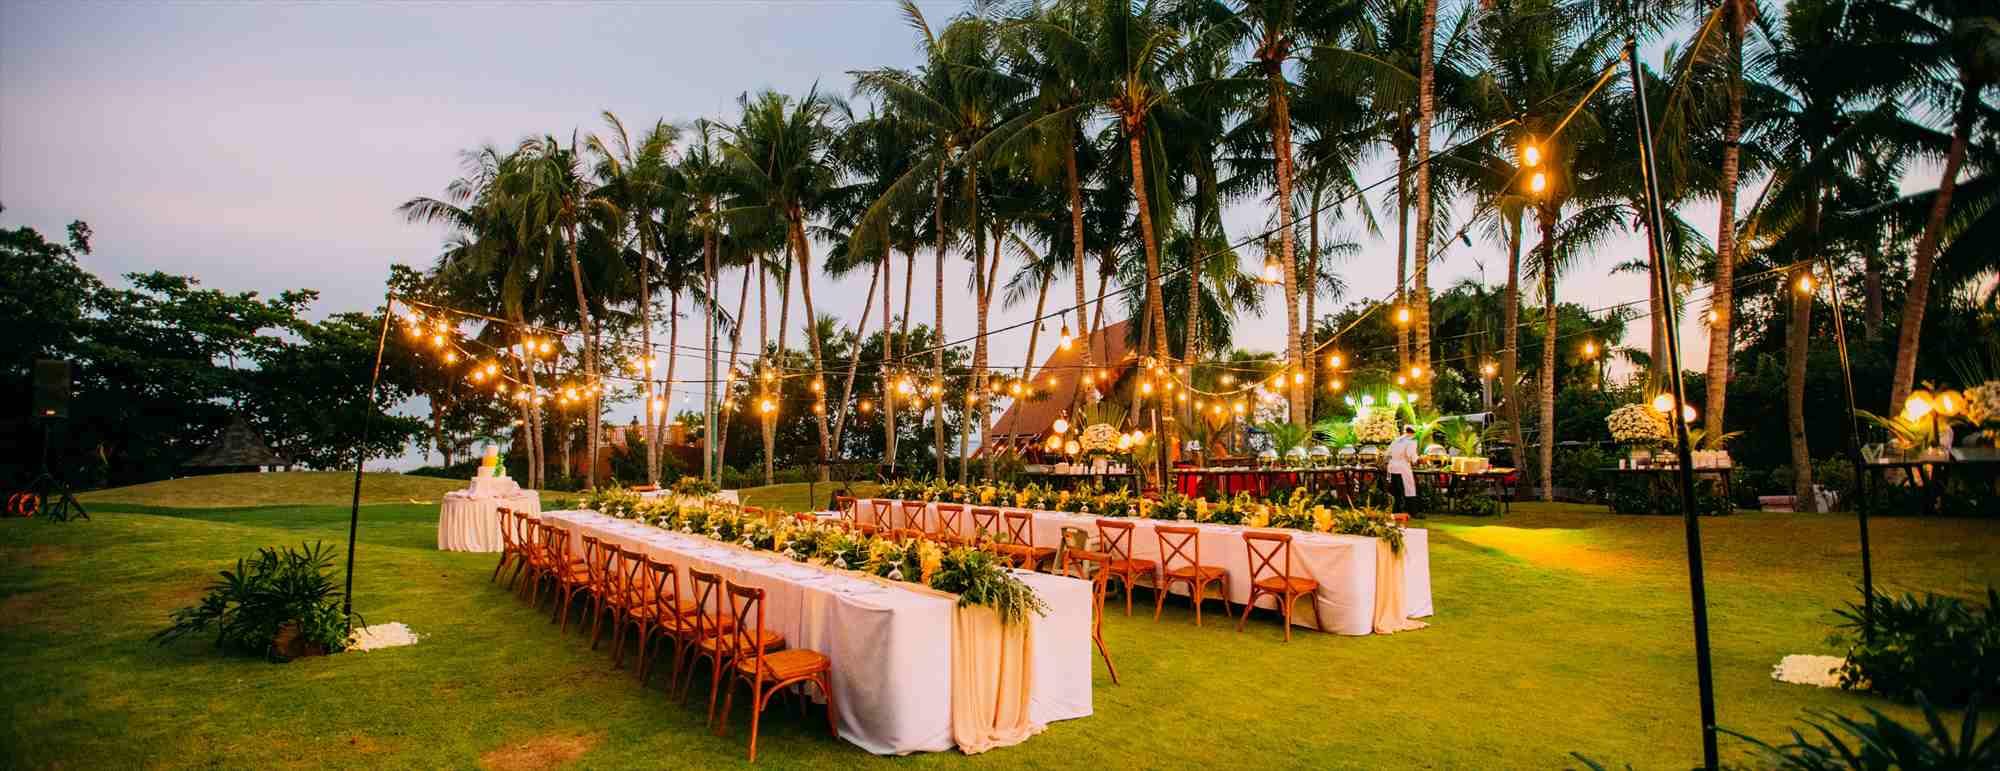 セブ島ガーデン・ウェディング・パーティーShagri-La's Mactan Resort&Spa Wedding Party~シャングリラ・マクタン・ガーデン・パーティー